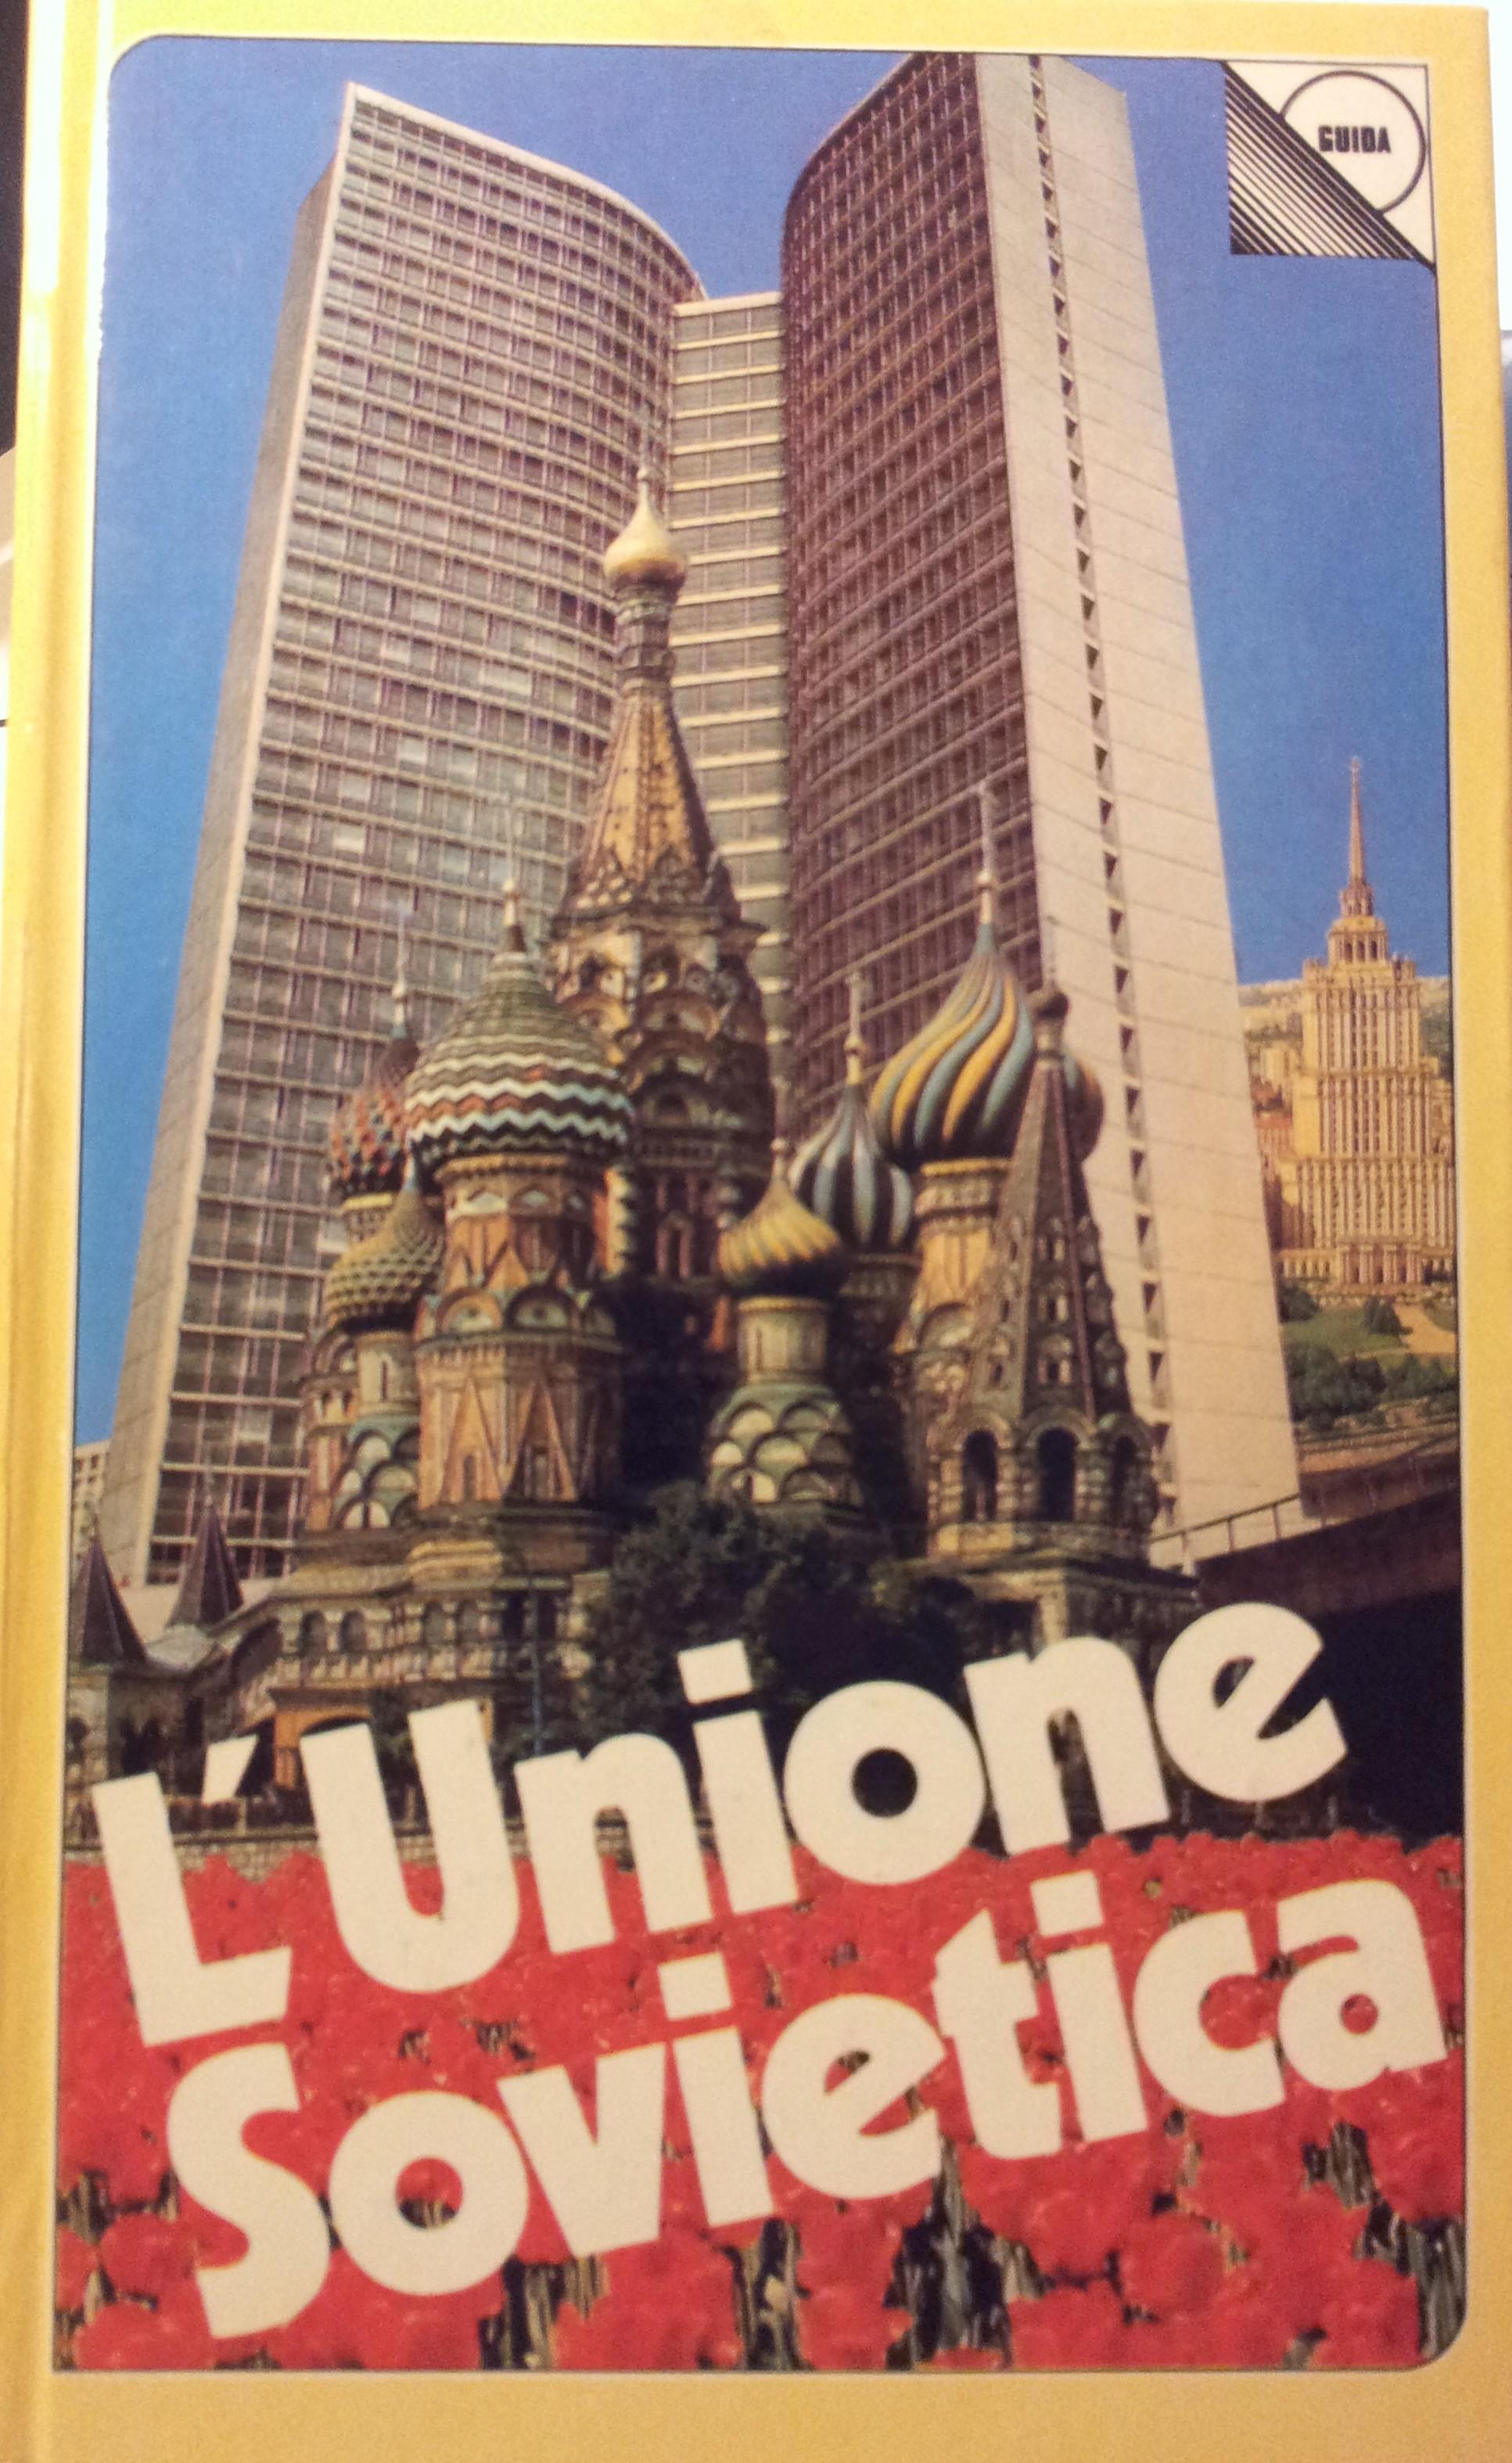 L'Unione Sovietica